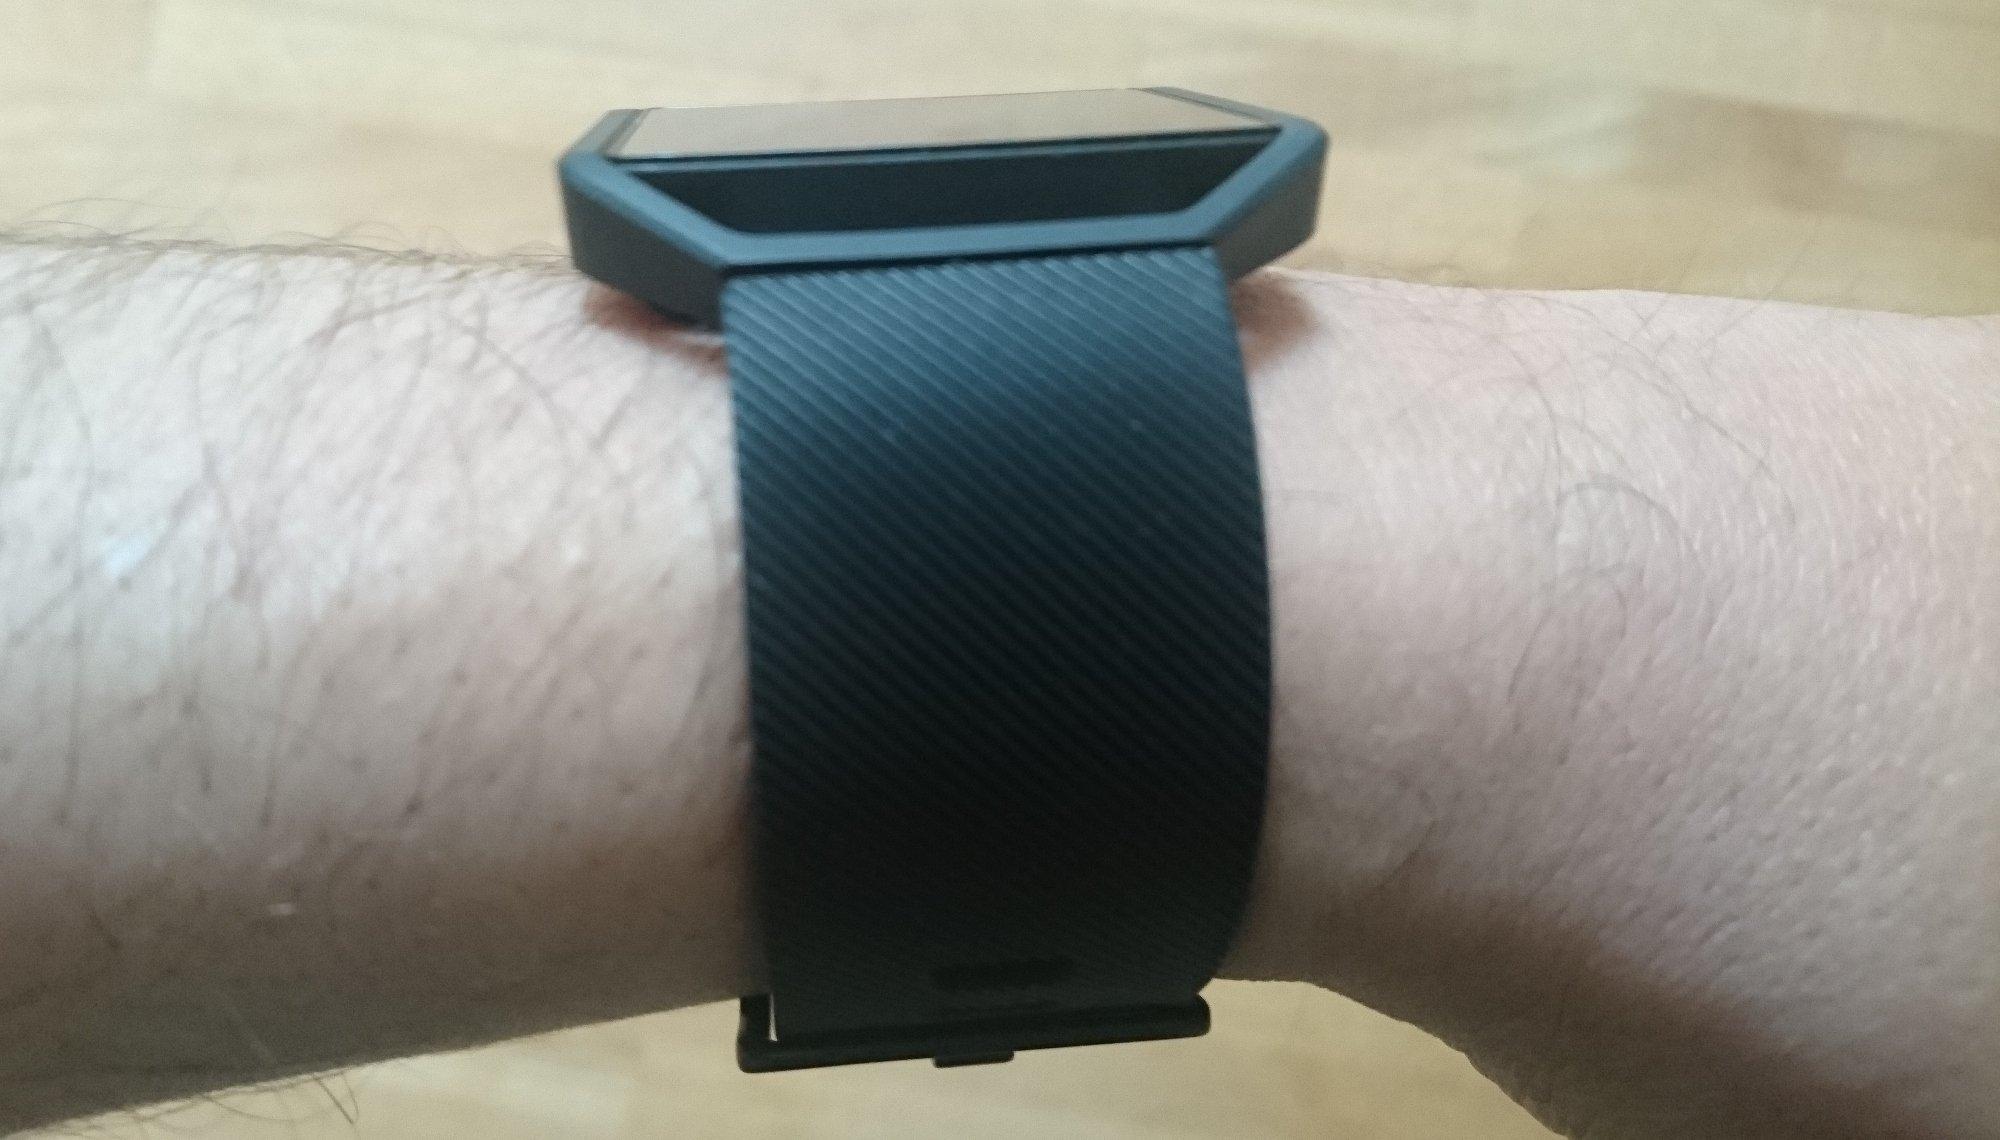 Die Fitbit Blaze am Handgelenk trägt nicht gerade wenig auf (Bild: Peter Giesecke)